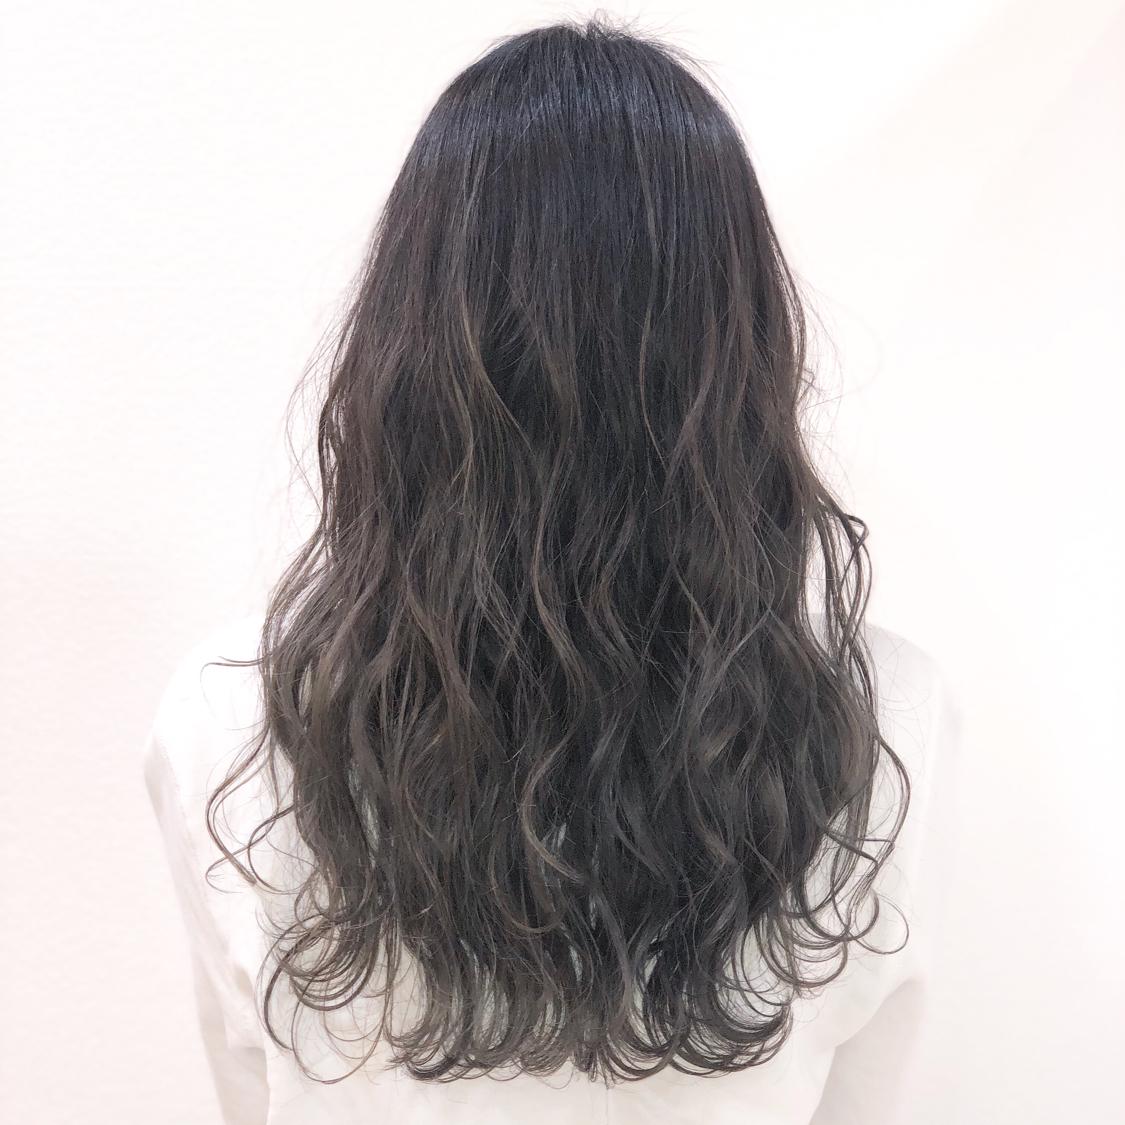 【アッシュグレージュcolor】 バレイヤージュ履歴あり!  全体ブリーチだと髪へのダメージが心配で、色落ちの金髪も気になる方が多いと思います。 でも透明感欲しくて、綺麗な色やしたい色はブリーチ使用してる事が多いので、今回はバレイヤージュを全体に入れて理想的な透明感あるアッシュグレージュを実現!  一度バレイヤージュ入れてたら 毎回ブリーチしなくても履歴あればワンカラーで何度か楽しめるのでオススメです^ ^  仕上げは26㍉で波&mix。  N.ポリッシュオイルで完成!  #岡山美容室#岡山美容師#サロンモデル#サロンスタイル#ブリーチなしグレージュ #外国人風グラデーションカラー#hair#オシャレ#波ウェーブ#hairstyle#haircolor#3dカラー#髪型#古作蓮#フォローしてくれた人全員フォローする #外国人風#beauty#西海岸風#撮影モデル#美容室MICHI#michi富田店#大元駅#大元駅美容室#stylist#followme#オリーブアッシュ #カリスマ美容師#オリーブカラー #サロンワーク#外国人風カラー